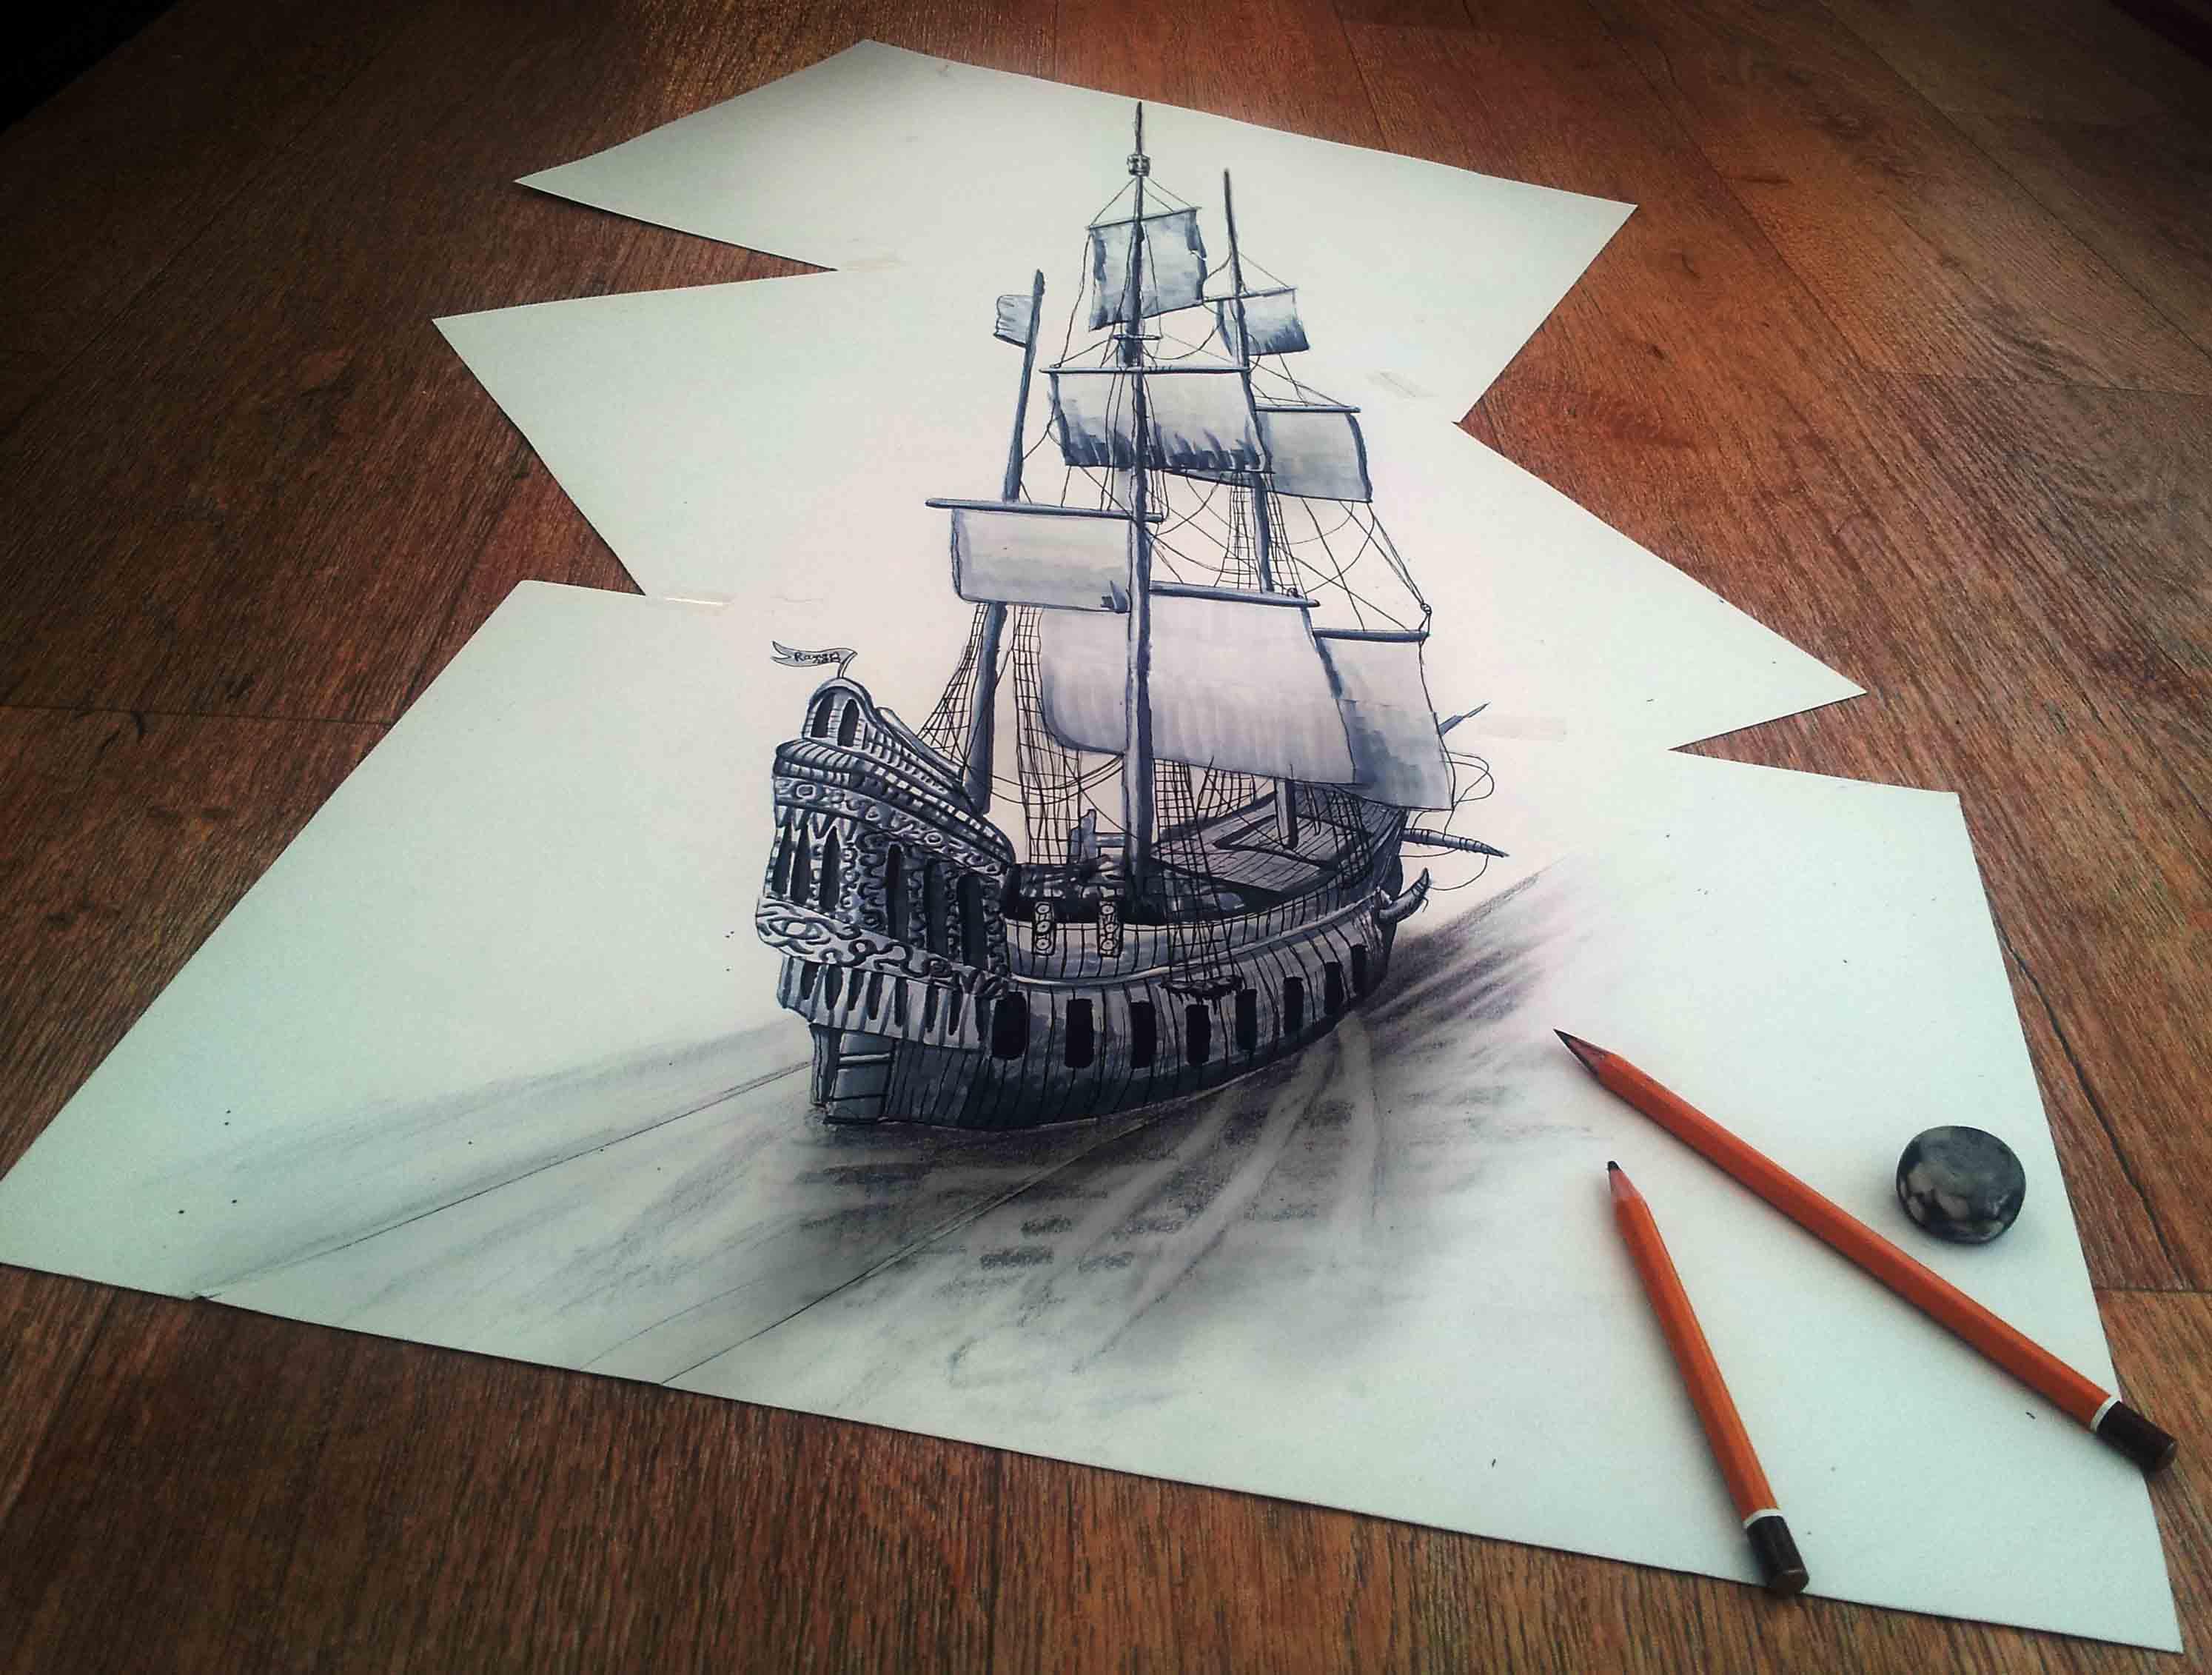 صورة رسومات ثلاثية الابعاد , اجمل صور للفن الحديث